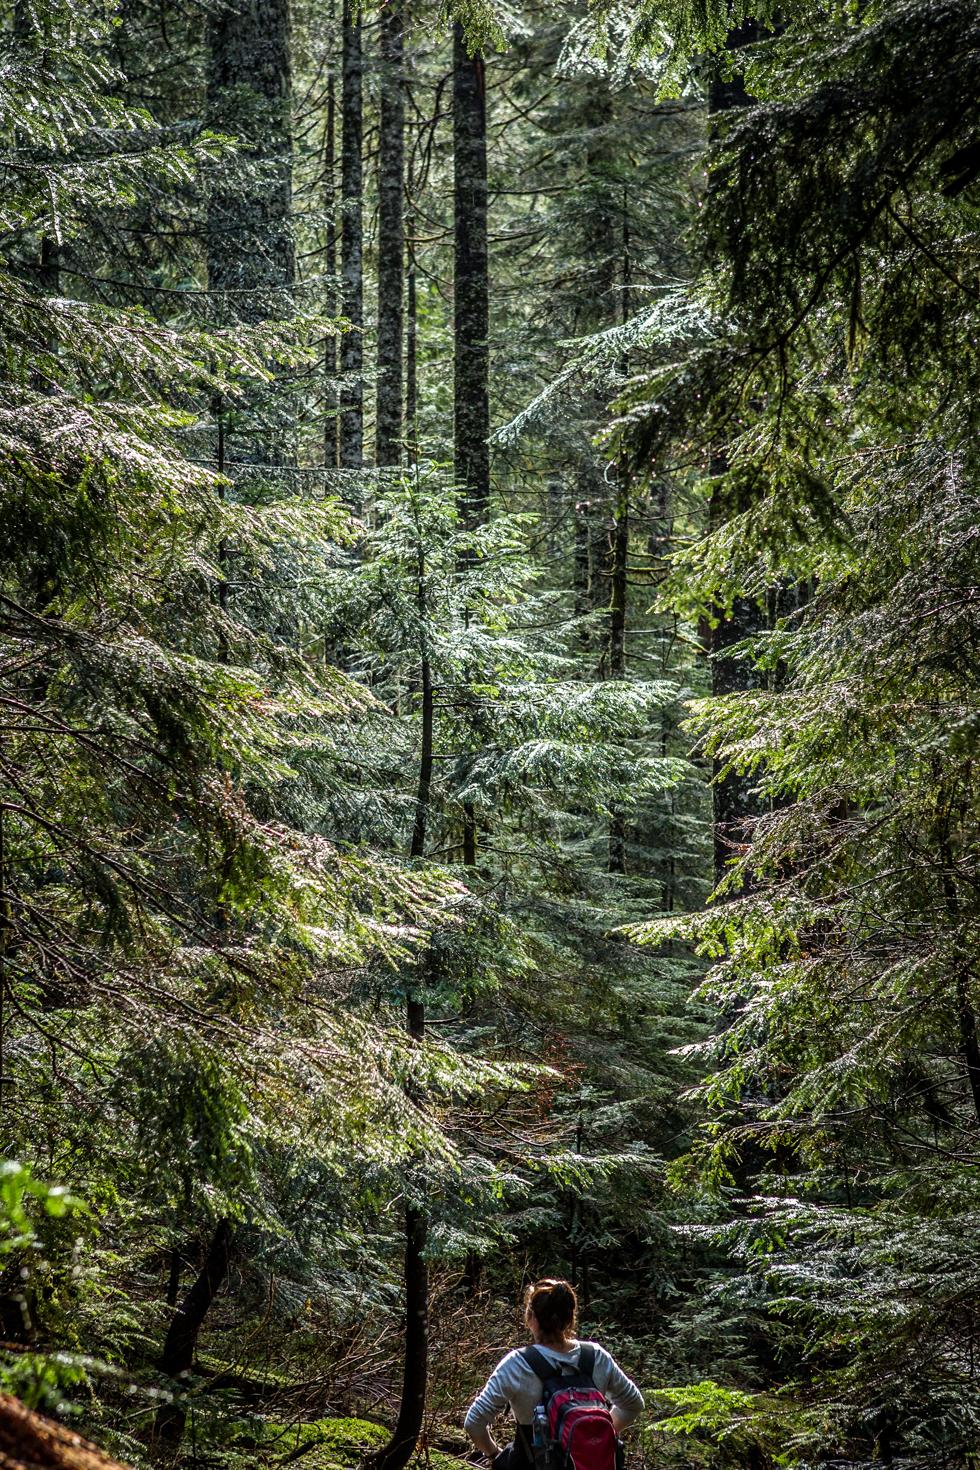 Nature-photographer-USA 1